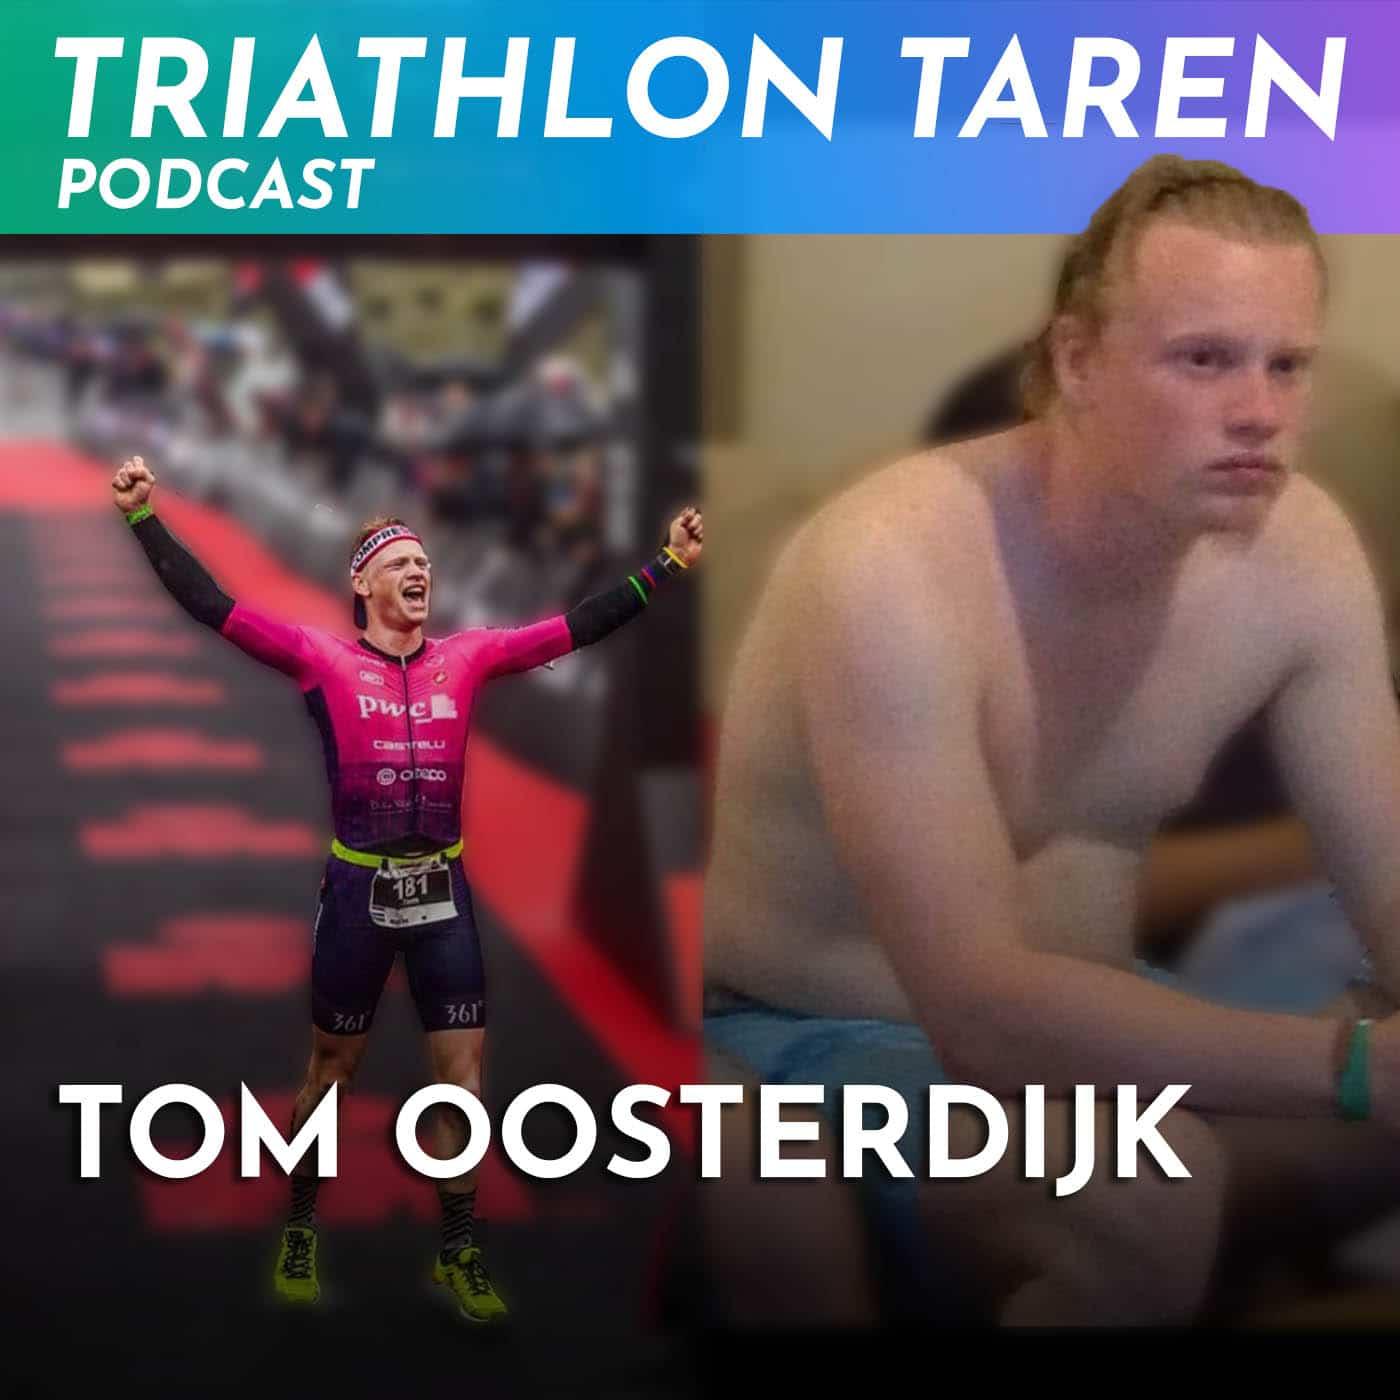 Tom Oosterdijk